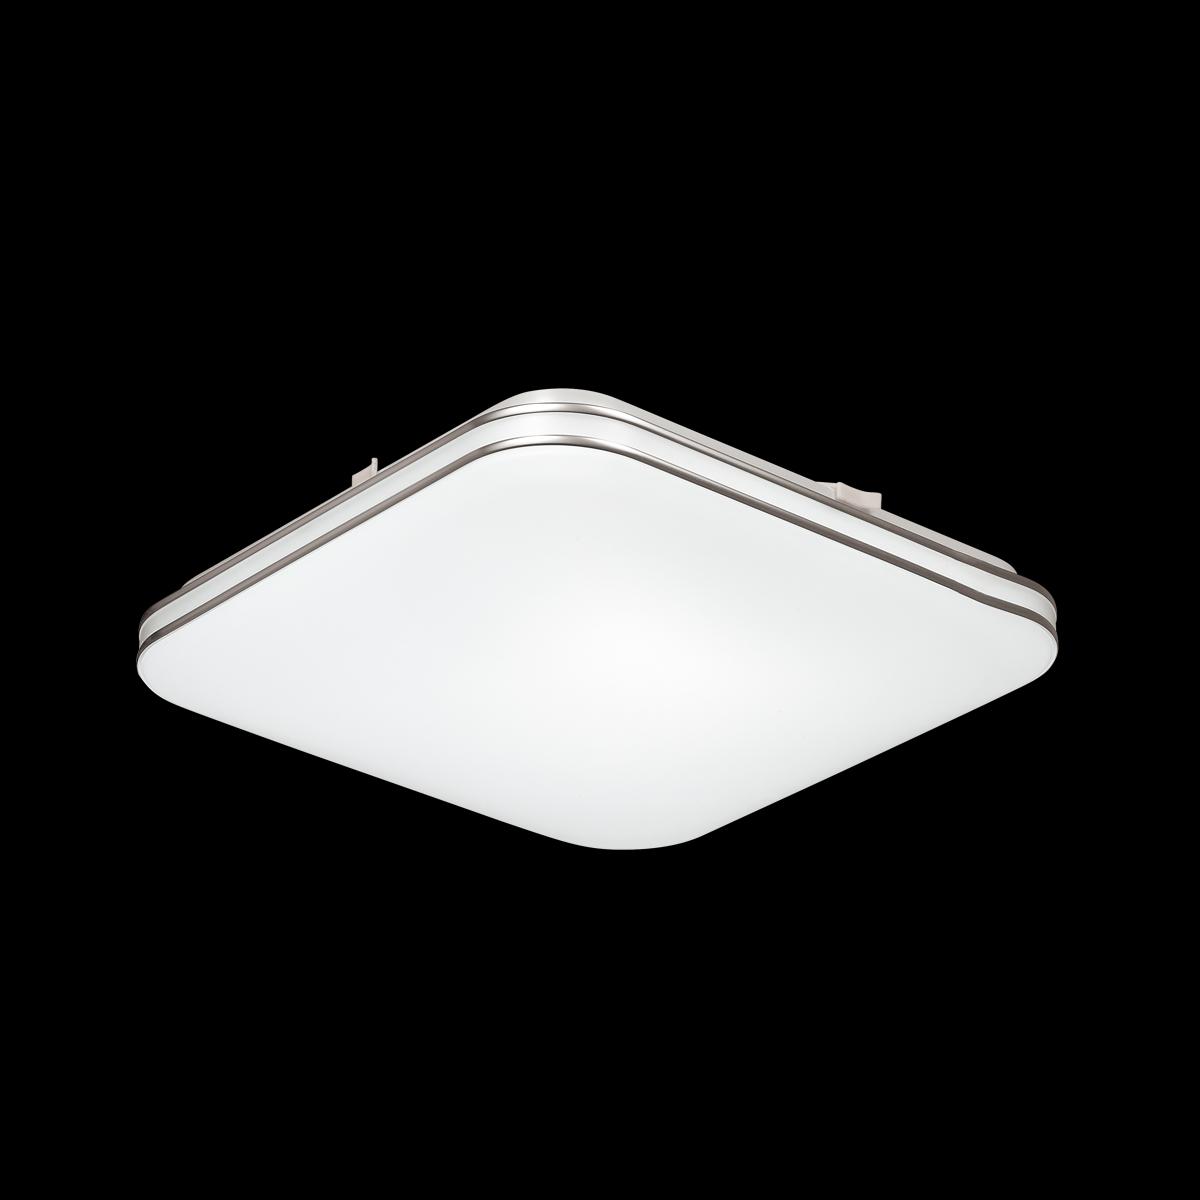 Потолочные светильники 3020/DL LONA Sonex